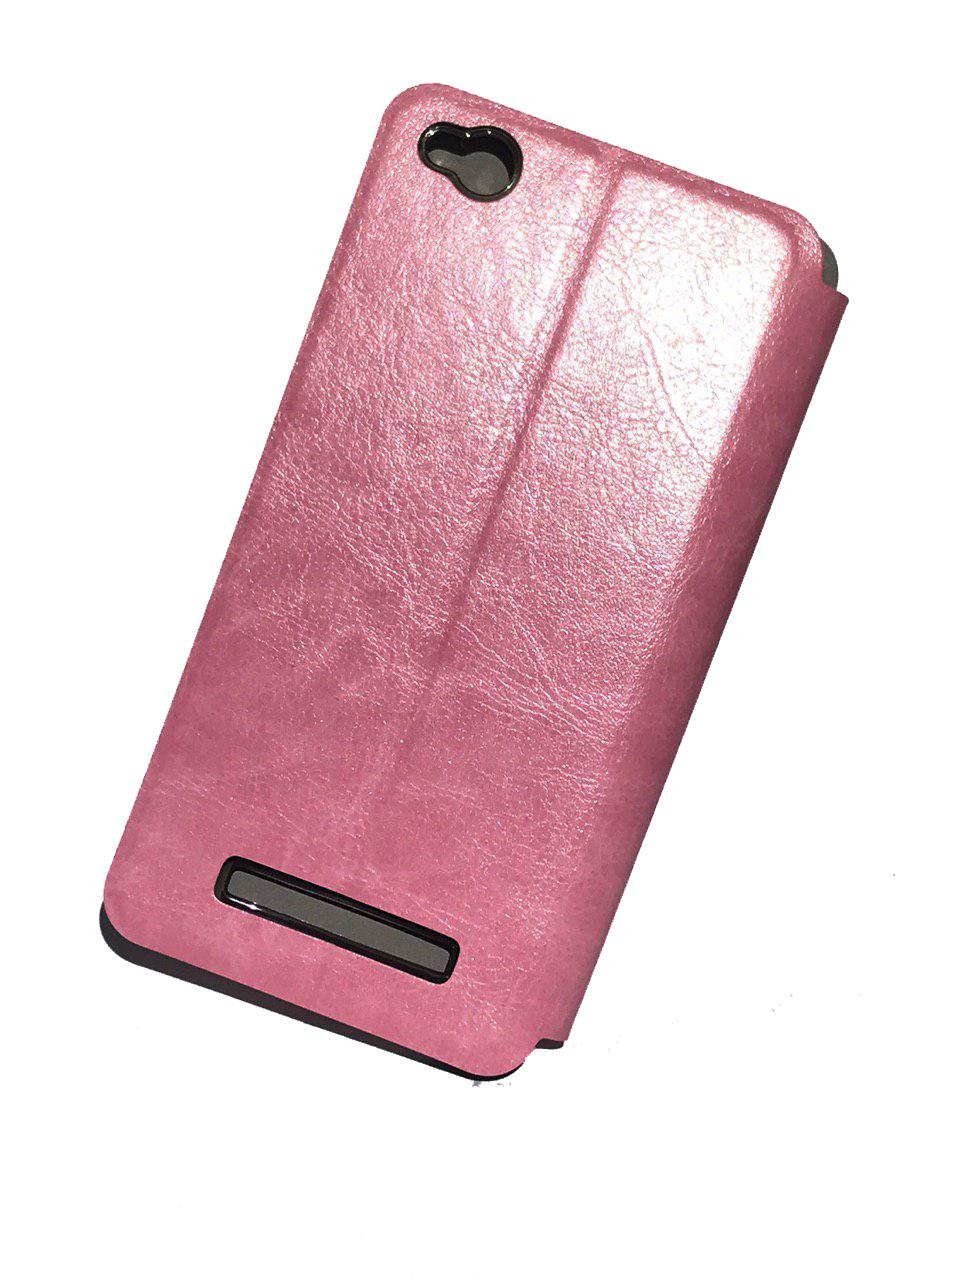 Чехол для сотового телефона Mofi Книжка Xiaomi Redmi 4A Pink, розовый цена и фото